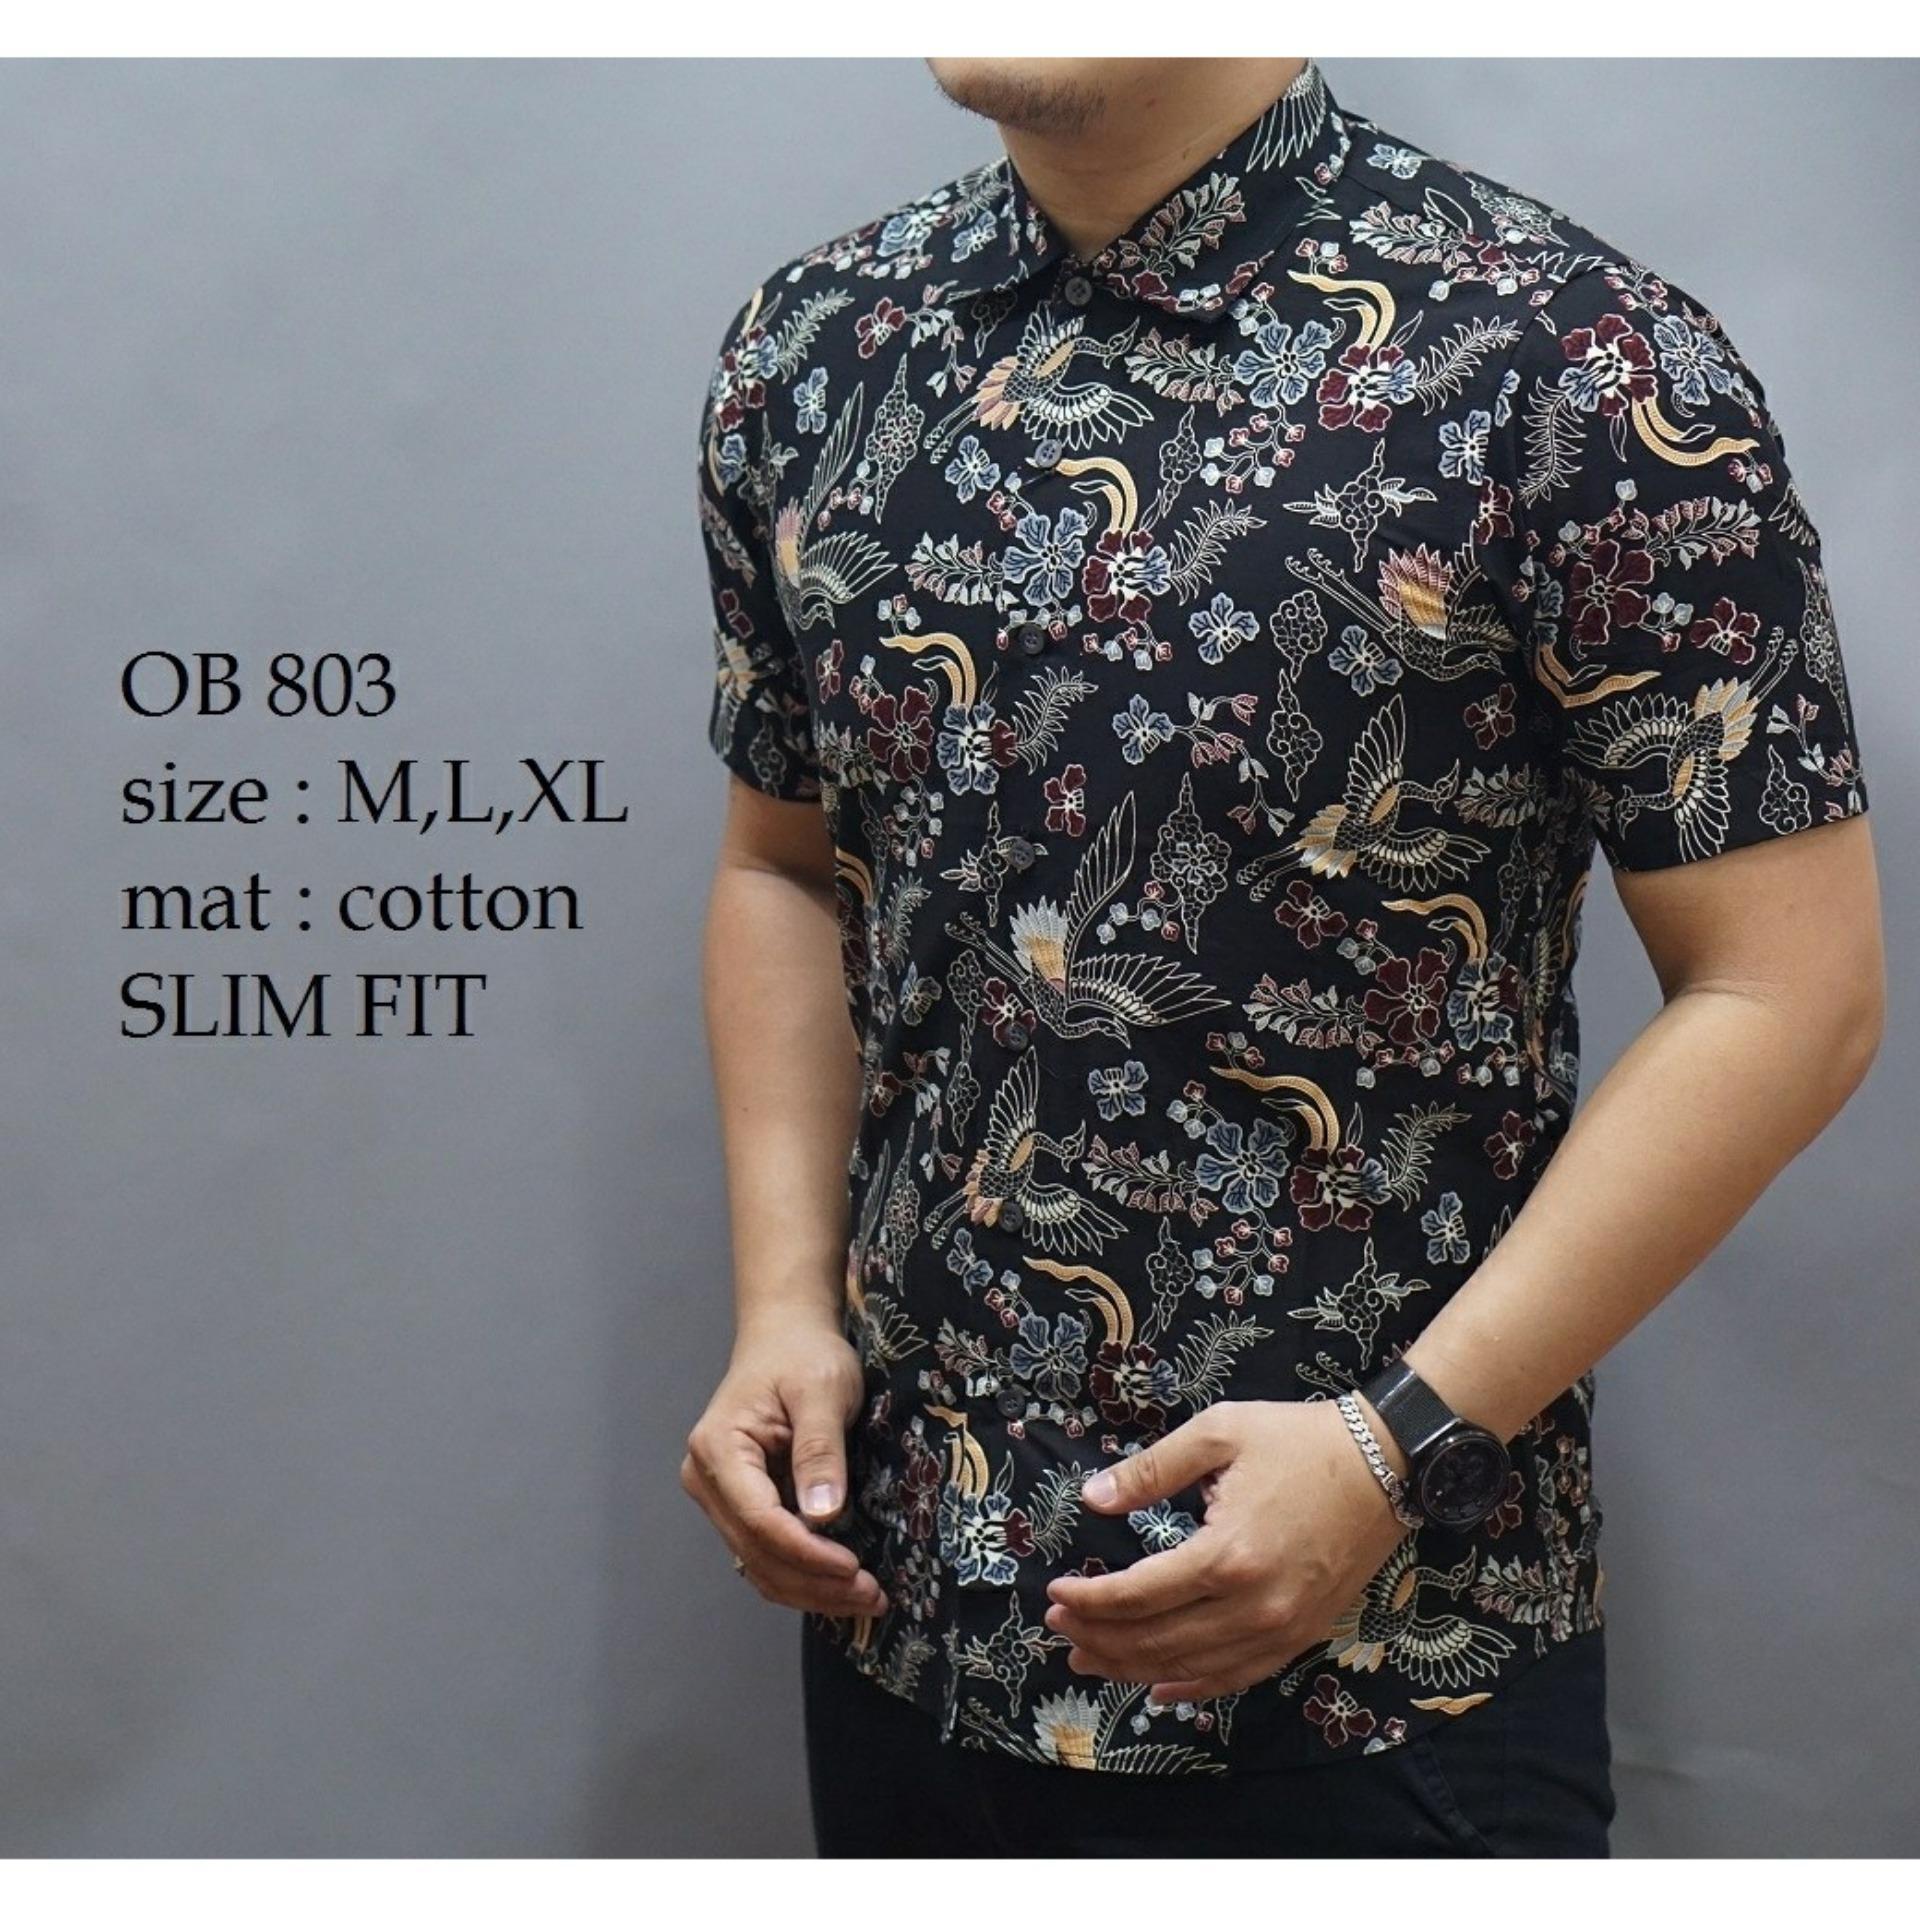 Danar Hadi Kemeja Batik Pria Lengan Pendek Jingga Spec Dan Daftar Nulaba Sby Parang Urang Bajel Hitam 100 Cotton Ob609